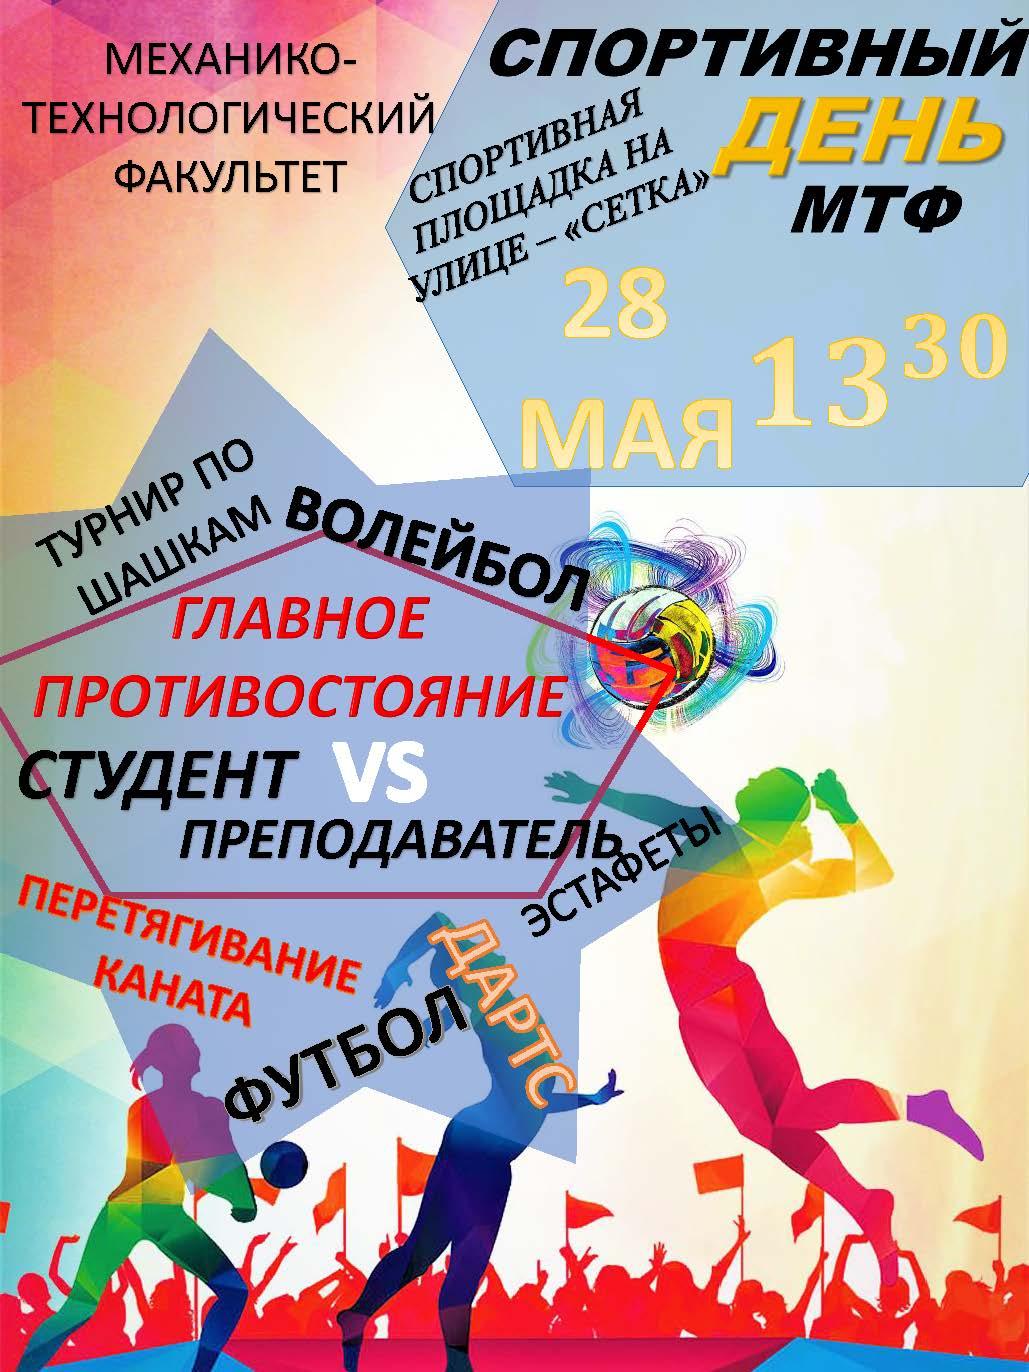 28 мая спортивный день МТФ